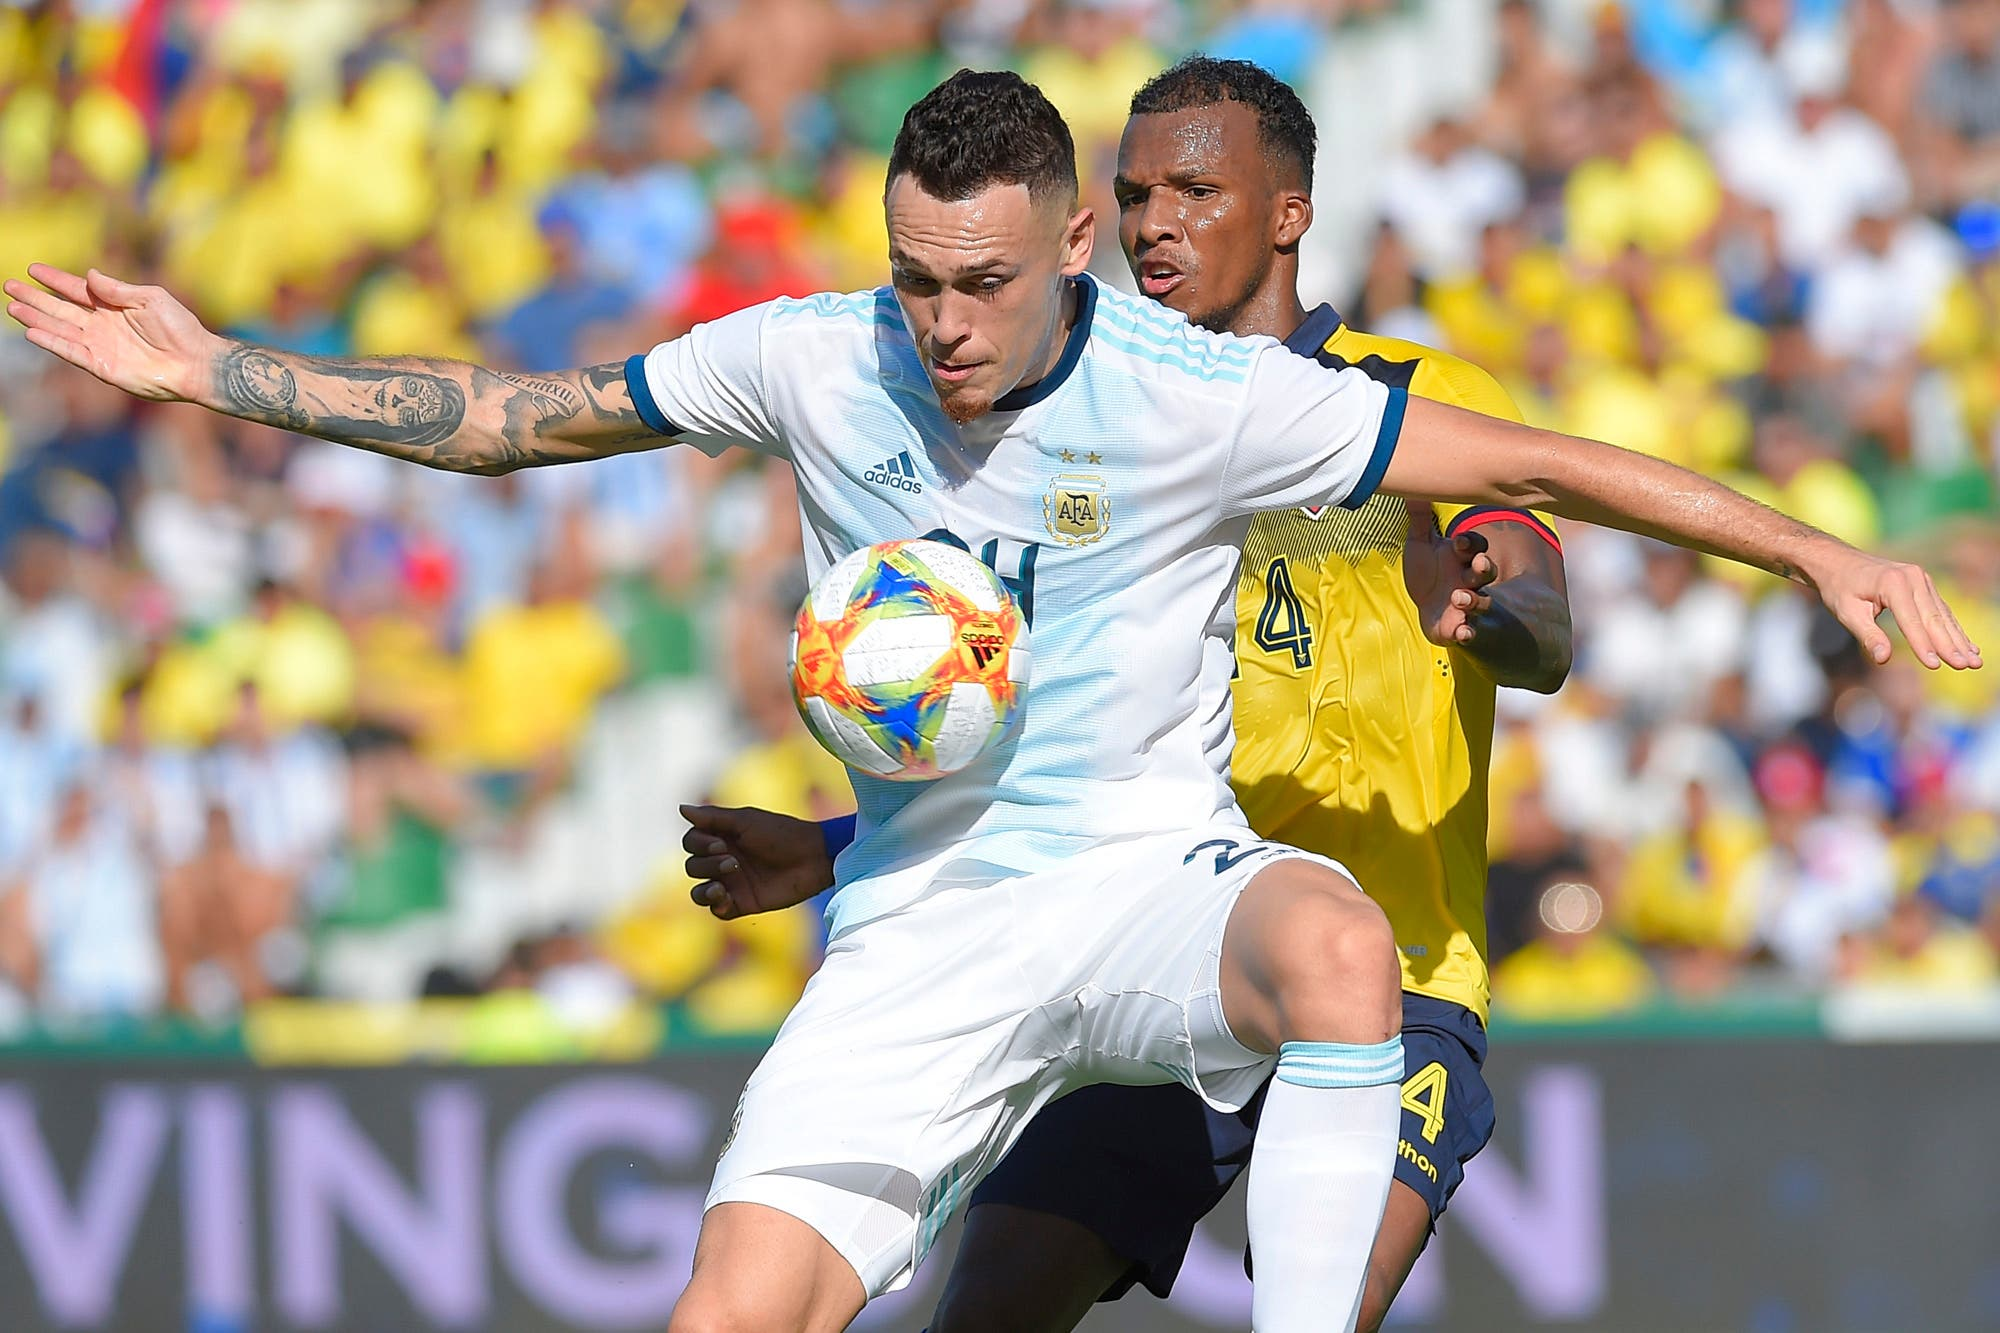 Selección argentina: Lucas Ocampos sigue haciendo goles sin ser el N° 9, como querían su padre y el representante